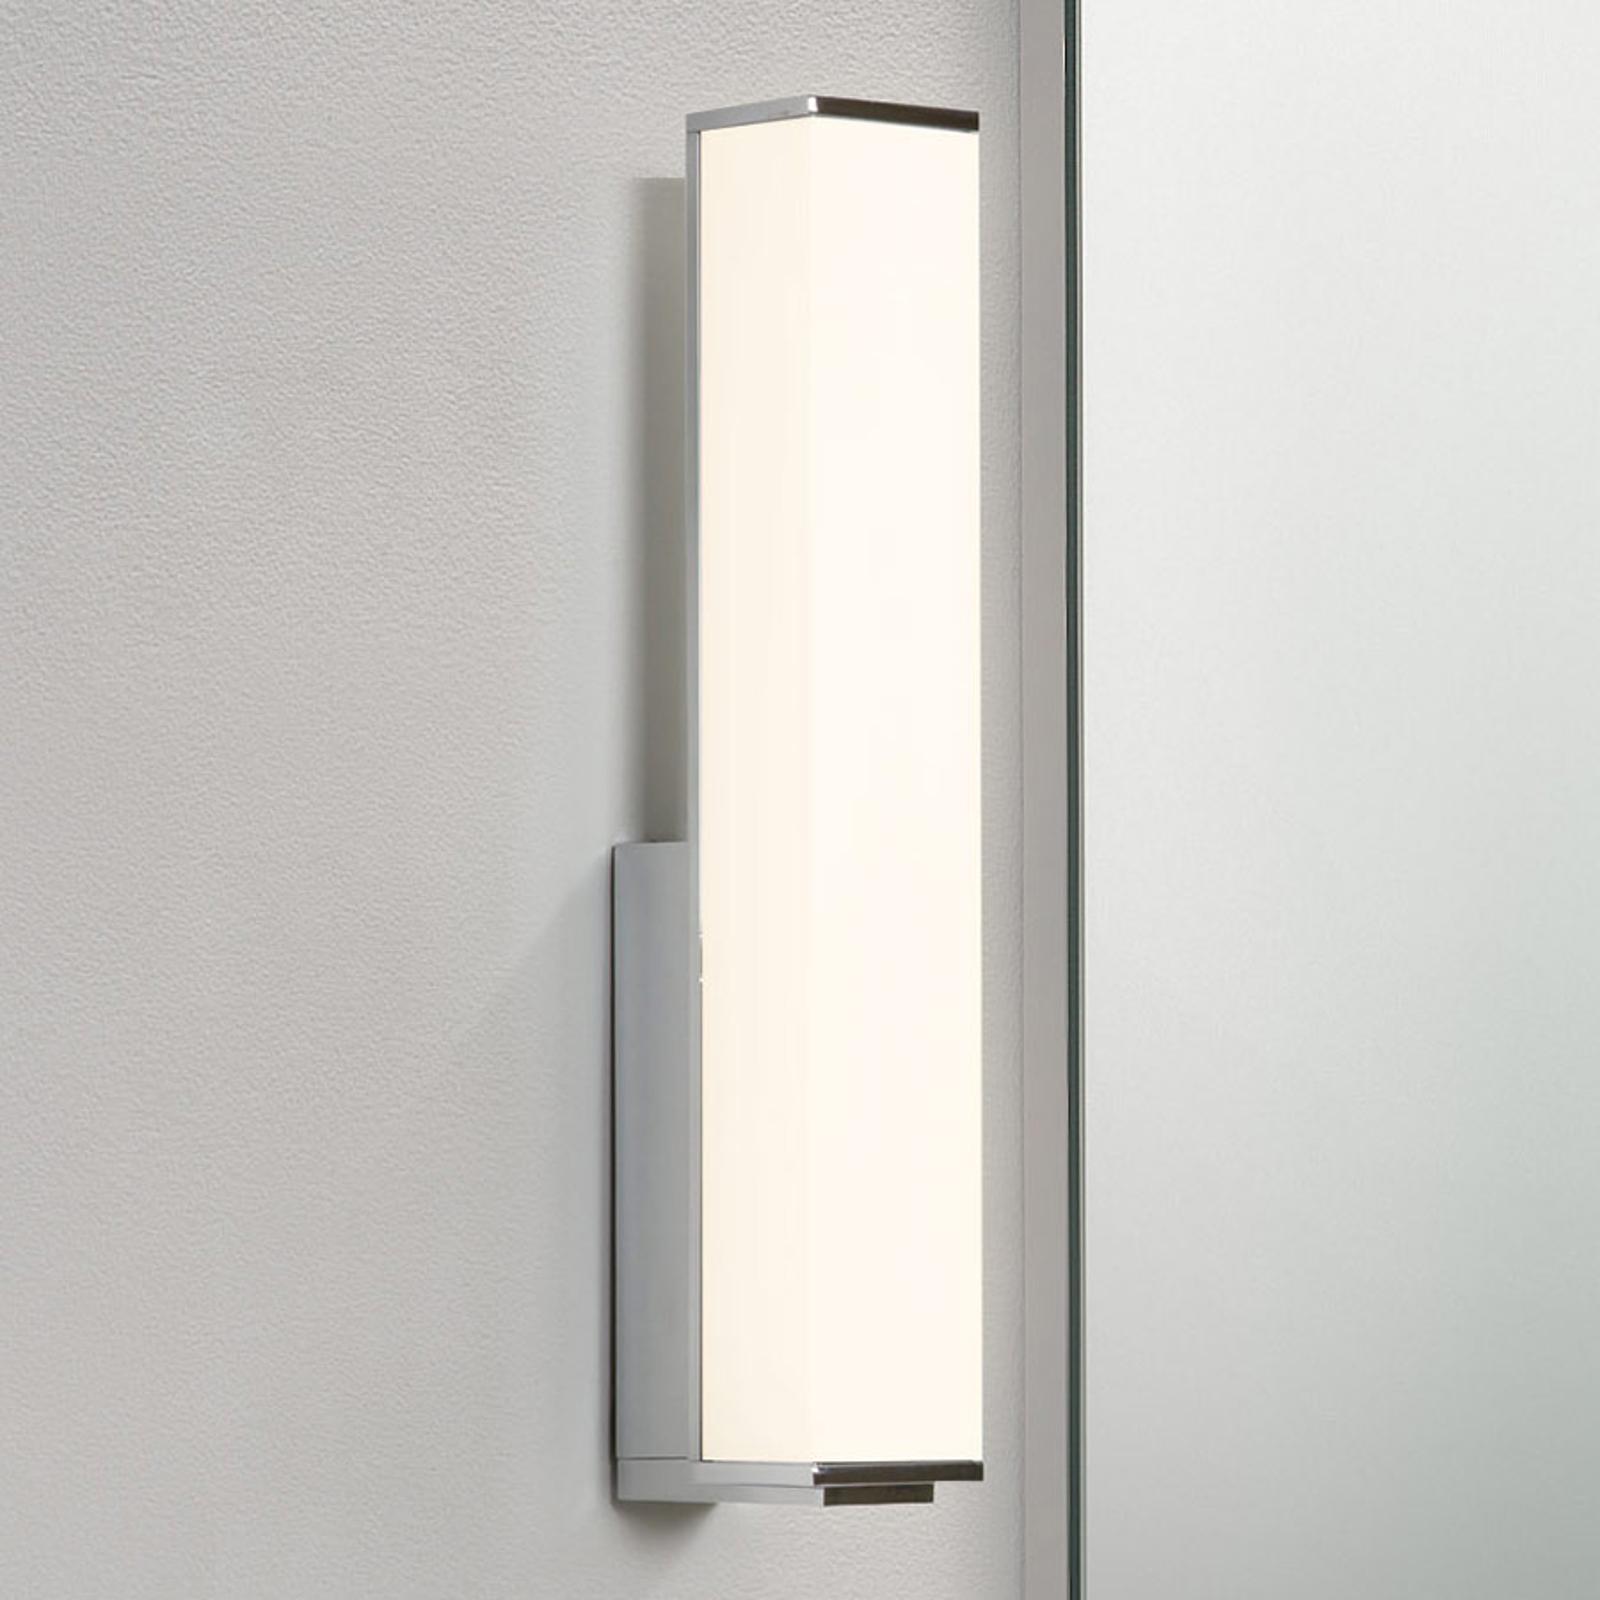 Lampada LED da specchio Karla per il bagno